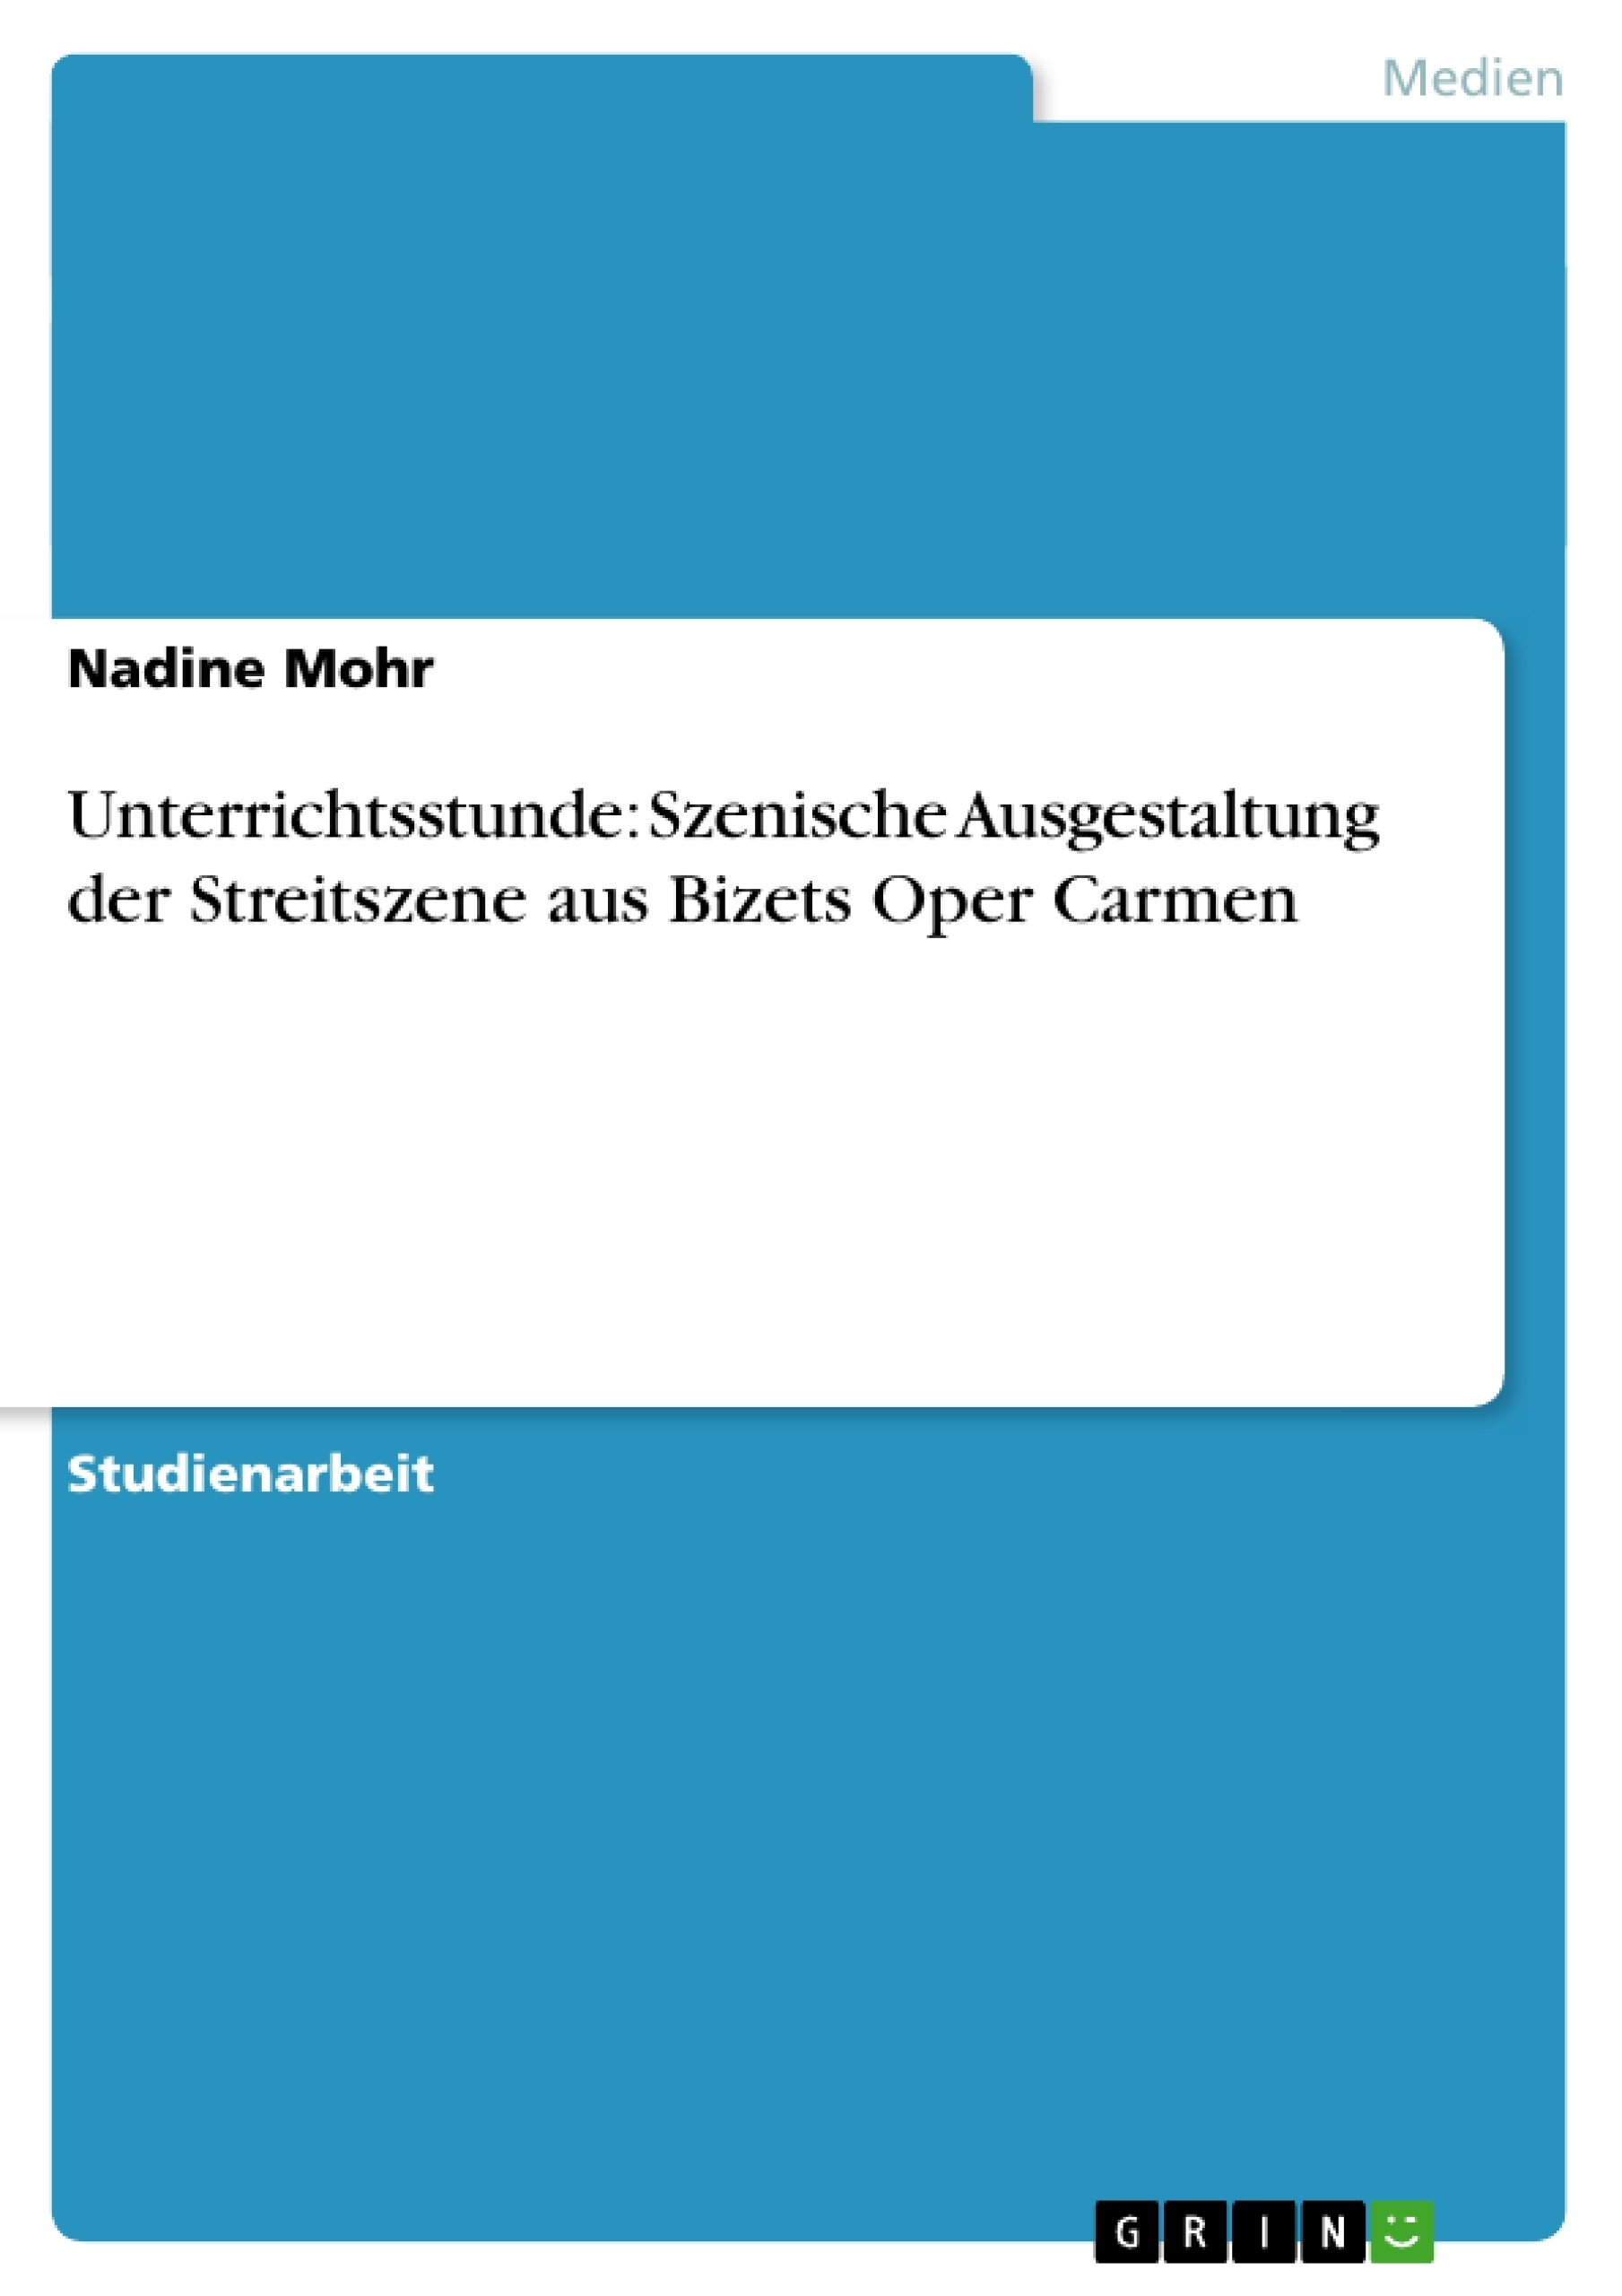 Titel: Unterrichtsstunde: Szenische Ausgestaltung der Streitszene aus Bizets Oper Carmen